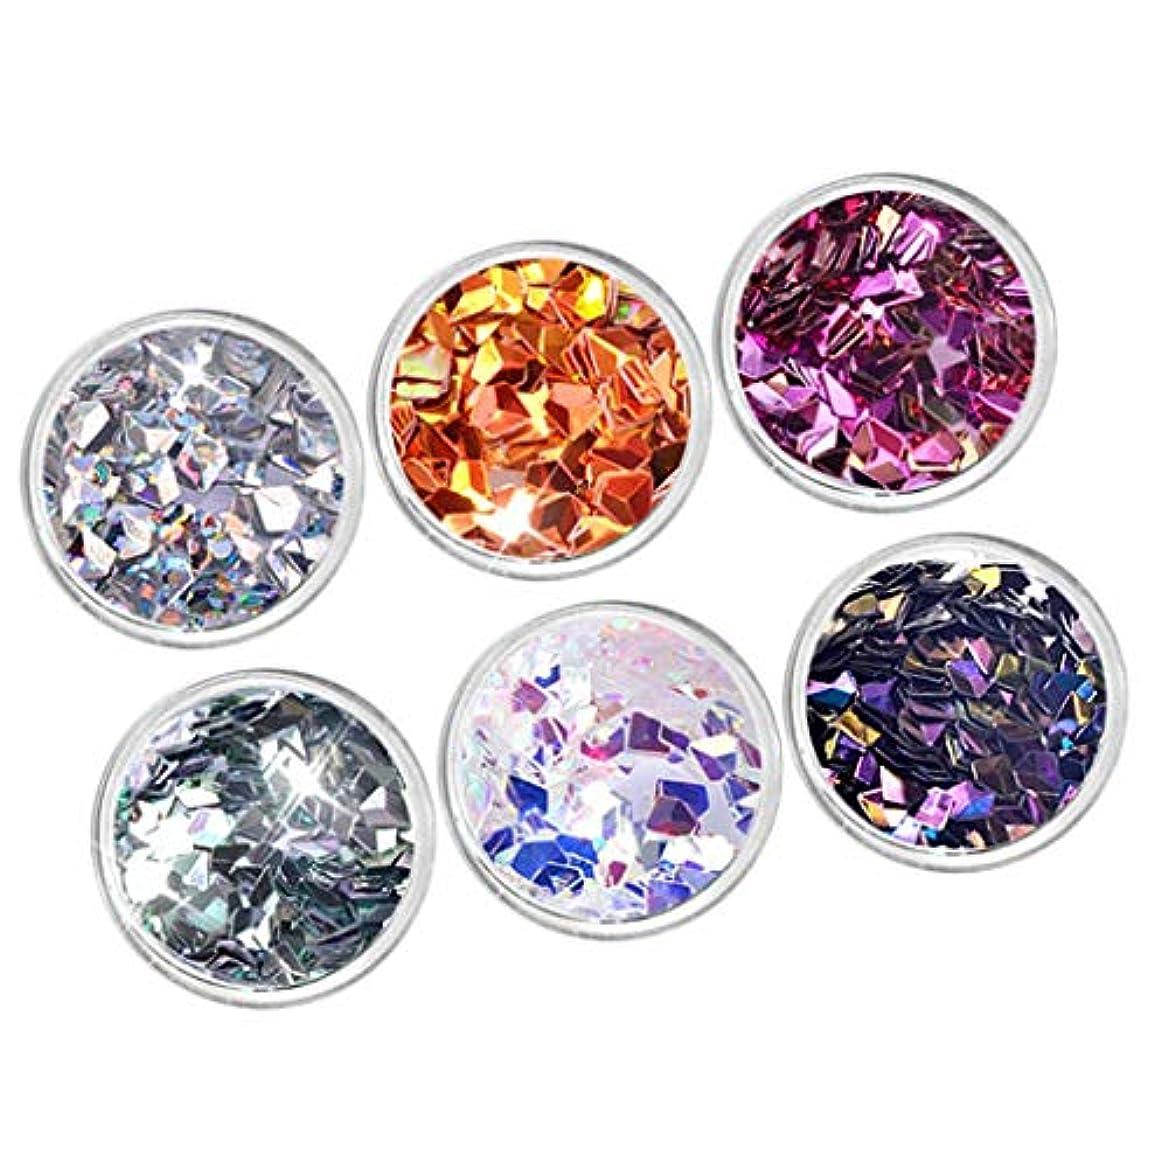 豆腐ヒロイン抽象化DYNWAVE 6箱ネイルアートキラキラスパンコールダイヤモンドフレークホログラフィック3Dデコレーション - ダイヤモンド